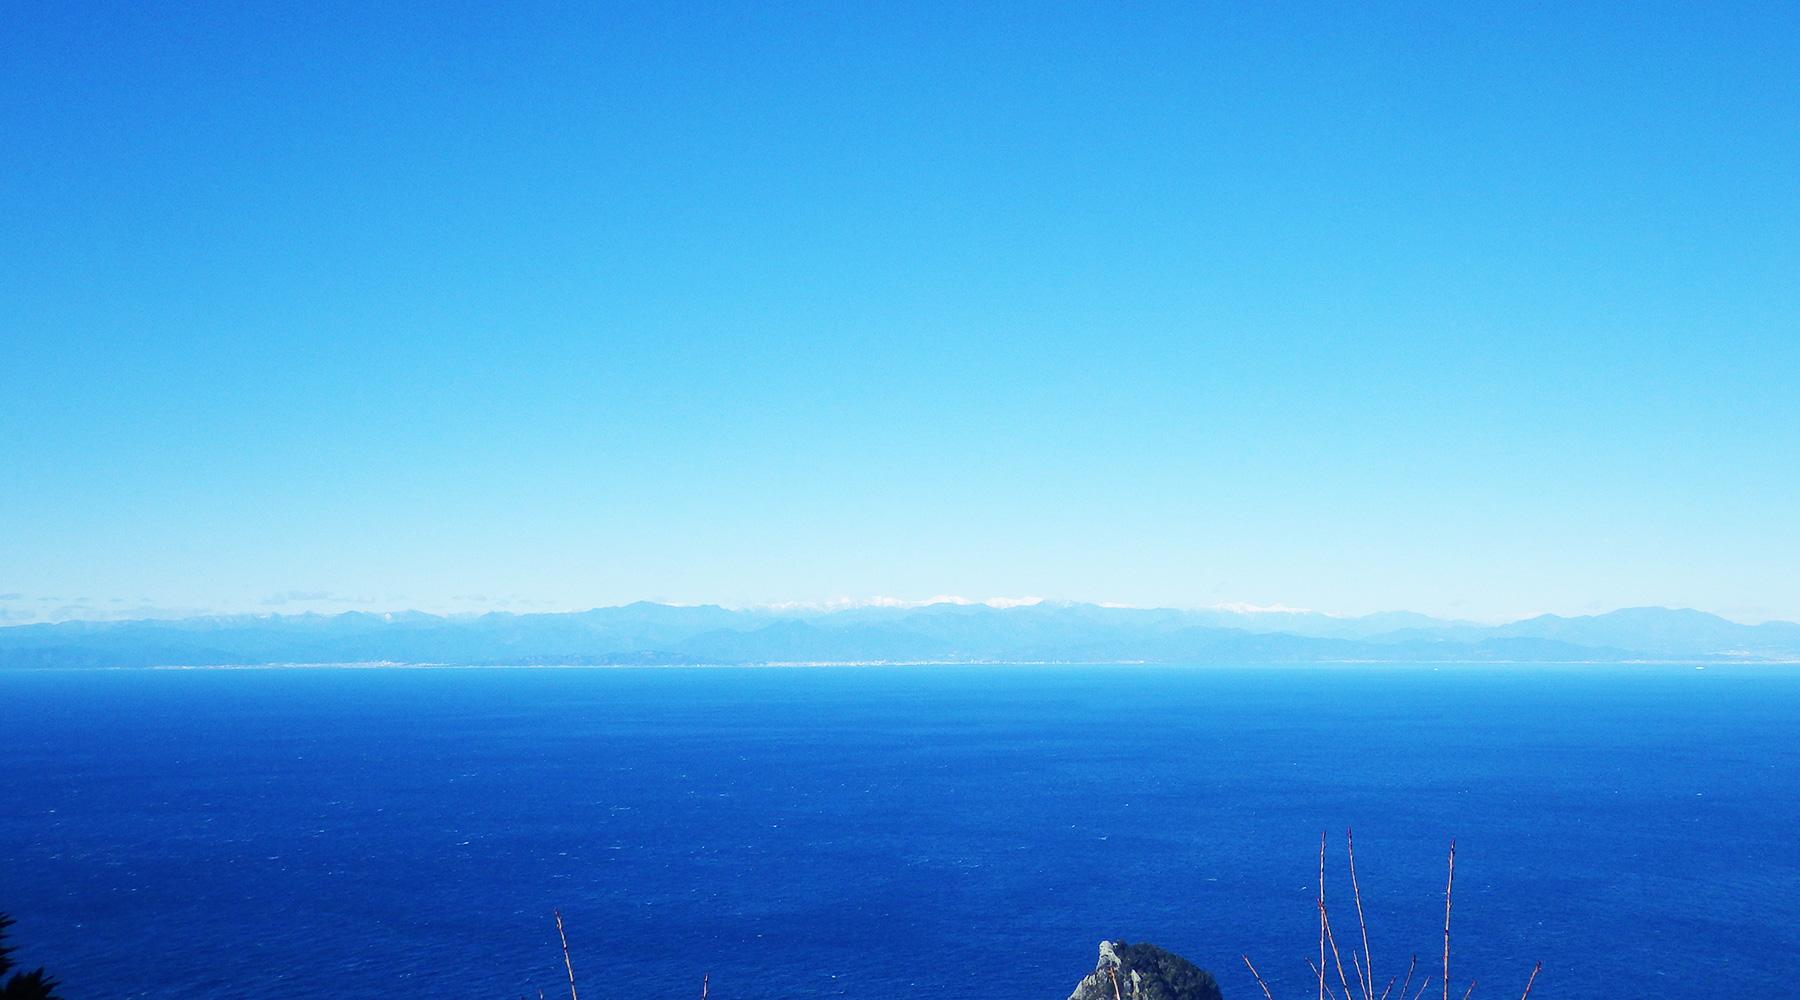 高通山山頂からの南アルプス